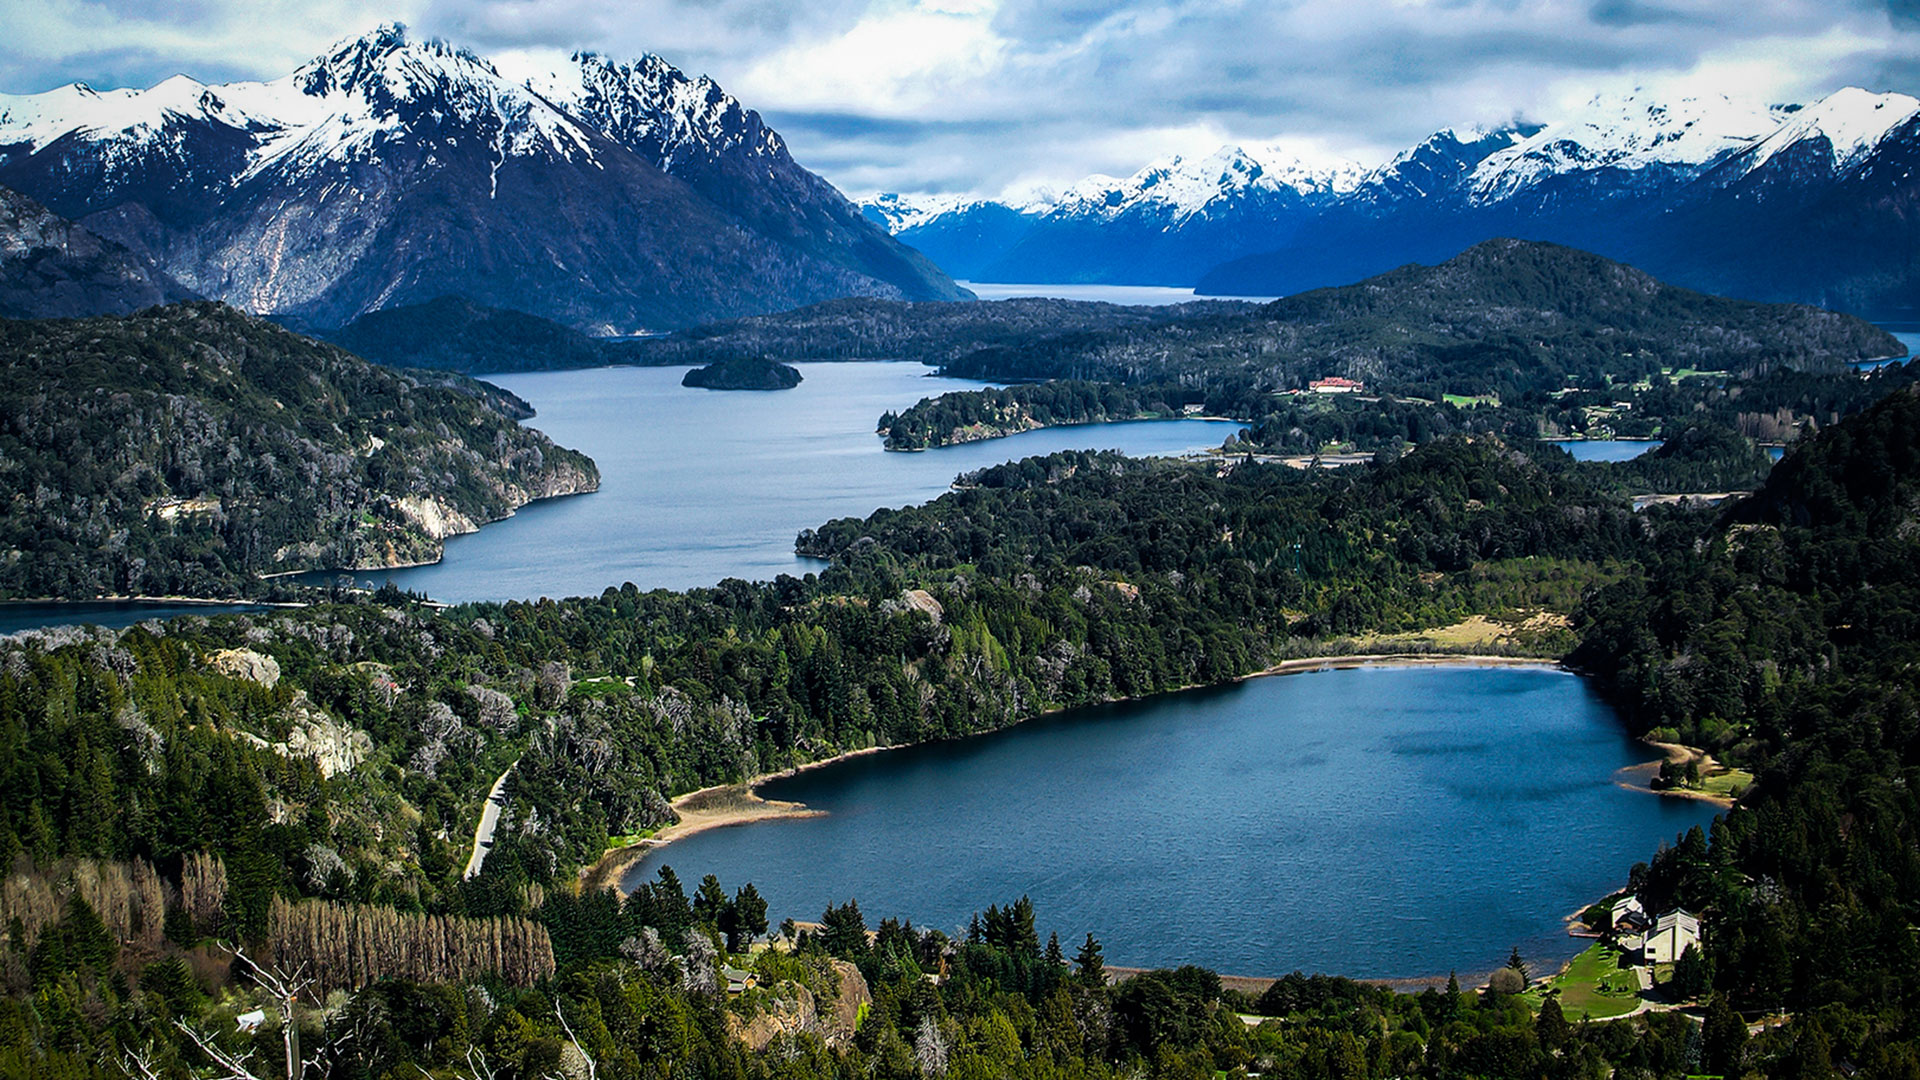 En los márgenes del lago que le da nombre, se ubican las ciudades de San Carlos de Bariloche y Villa Langostura, famosos centros de esquí internacionales. Cientos de mamíferos, aves árboles, autóctonos y peces únicos en su tipo pueblan cada rincón del famoso parque (Fotos: Parques Nacionales)